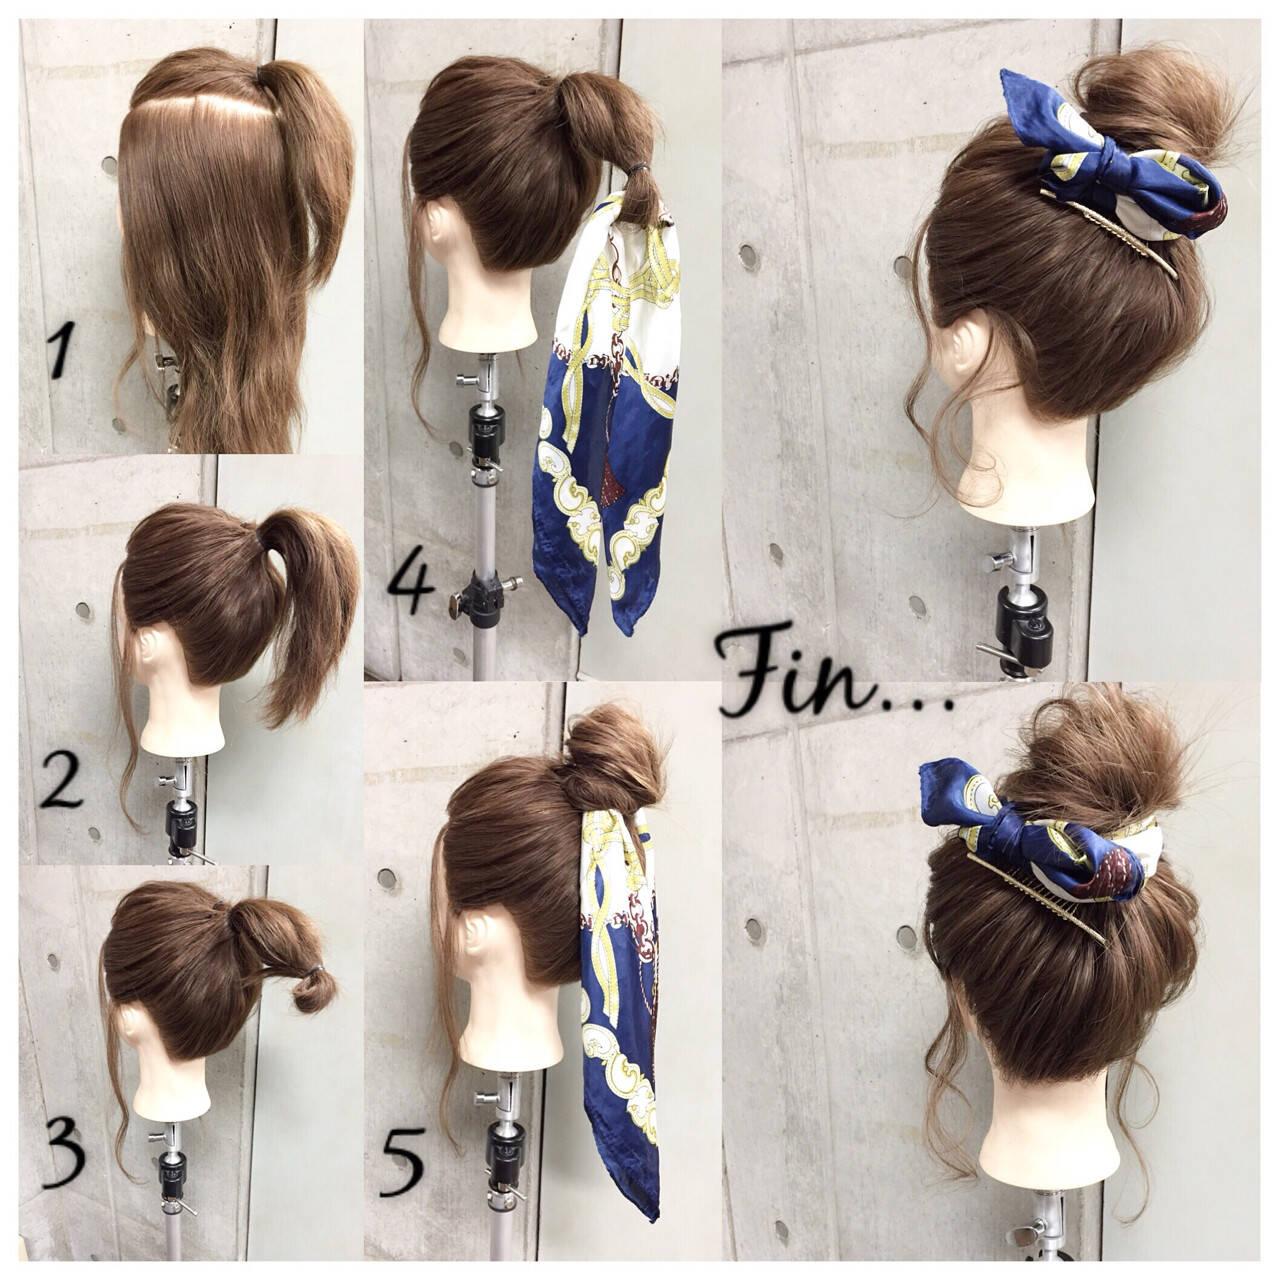 ショート 大人女子 メッシーバン ヘアアクセヘアスタイルや髪型の写真・画像